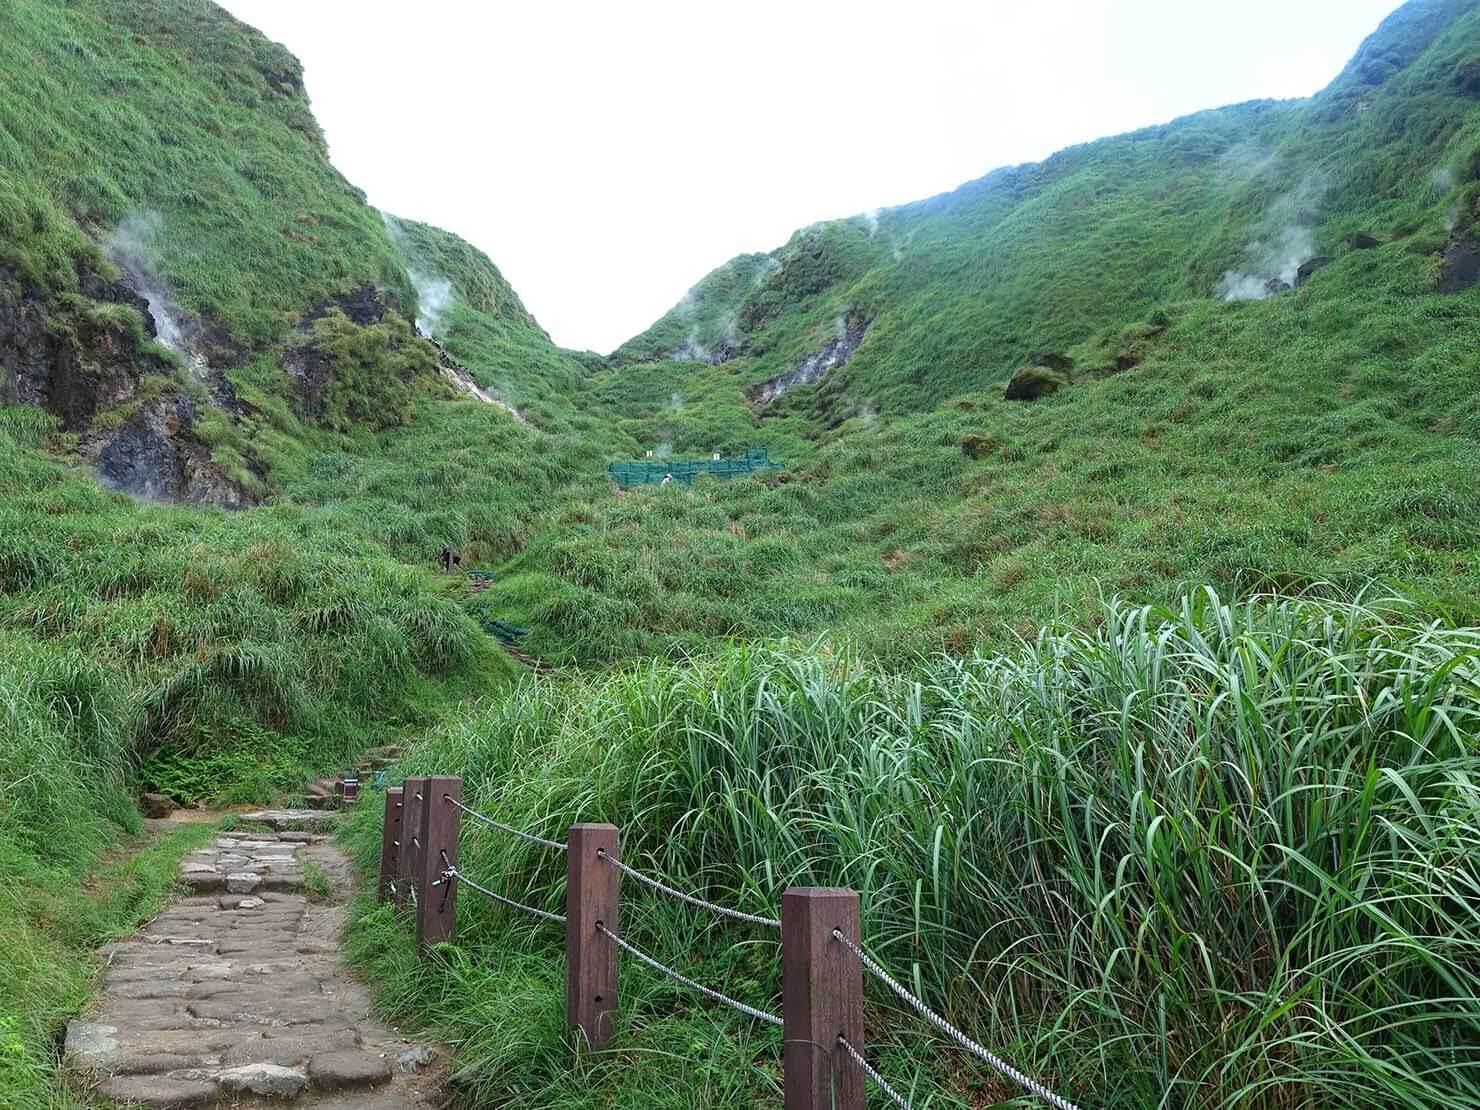 台北最高峰・七星山への登山歩道を小油坑から登る